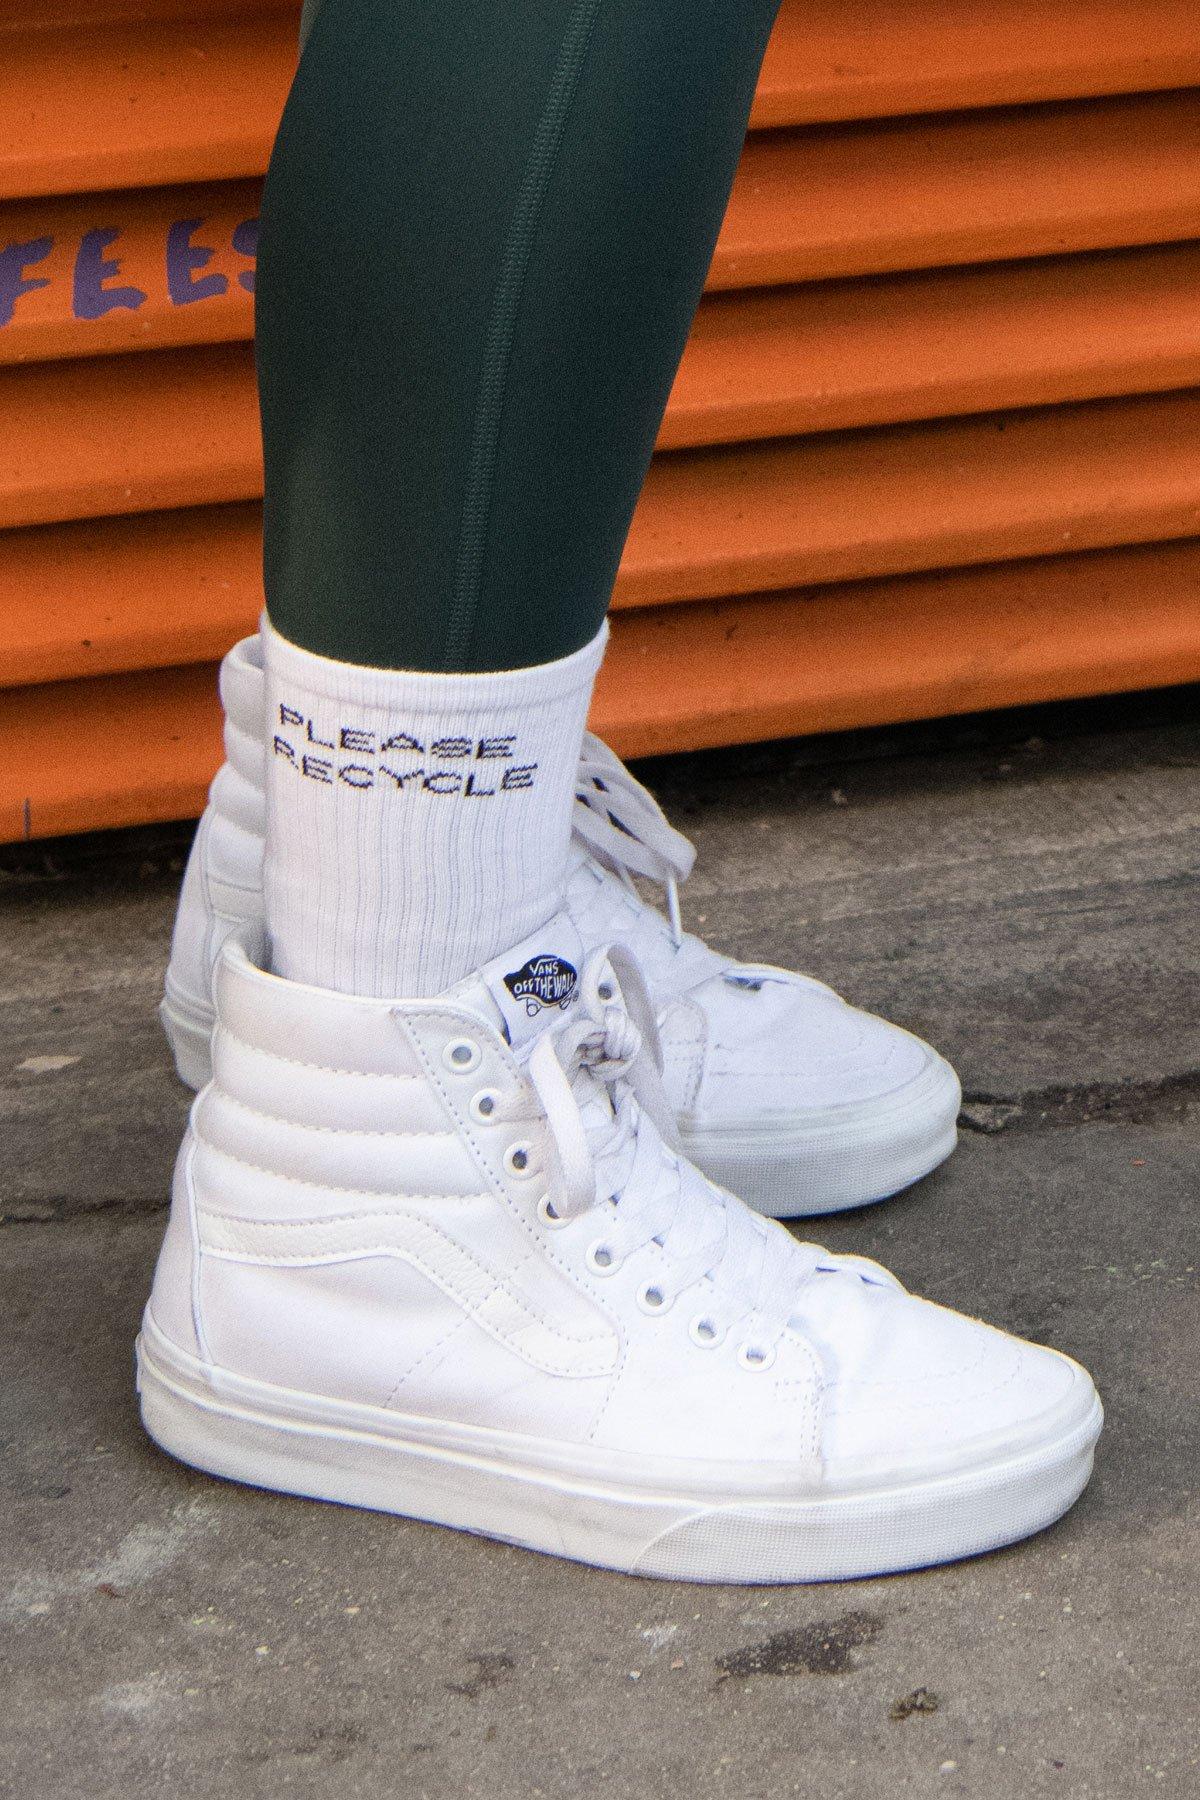 White Please Recycle Crew Sock $14